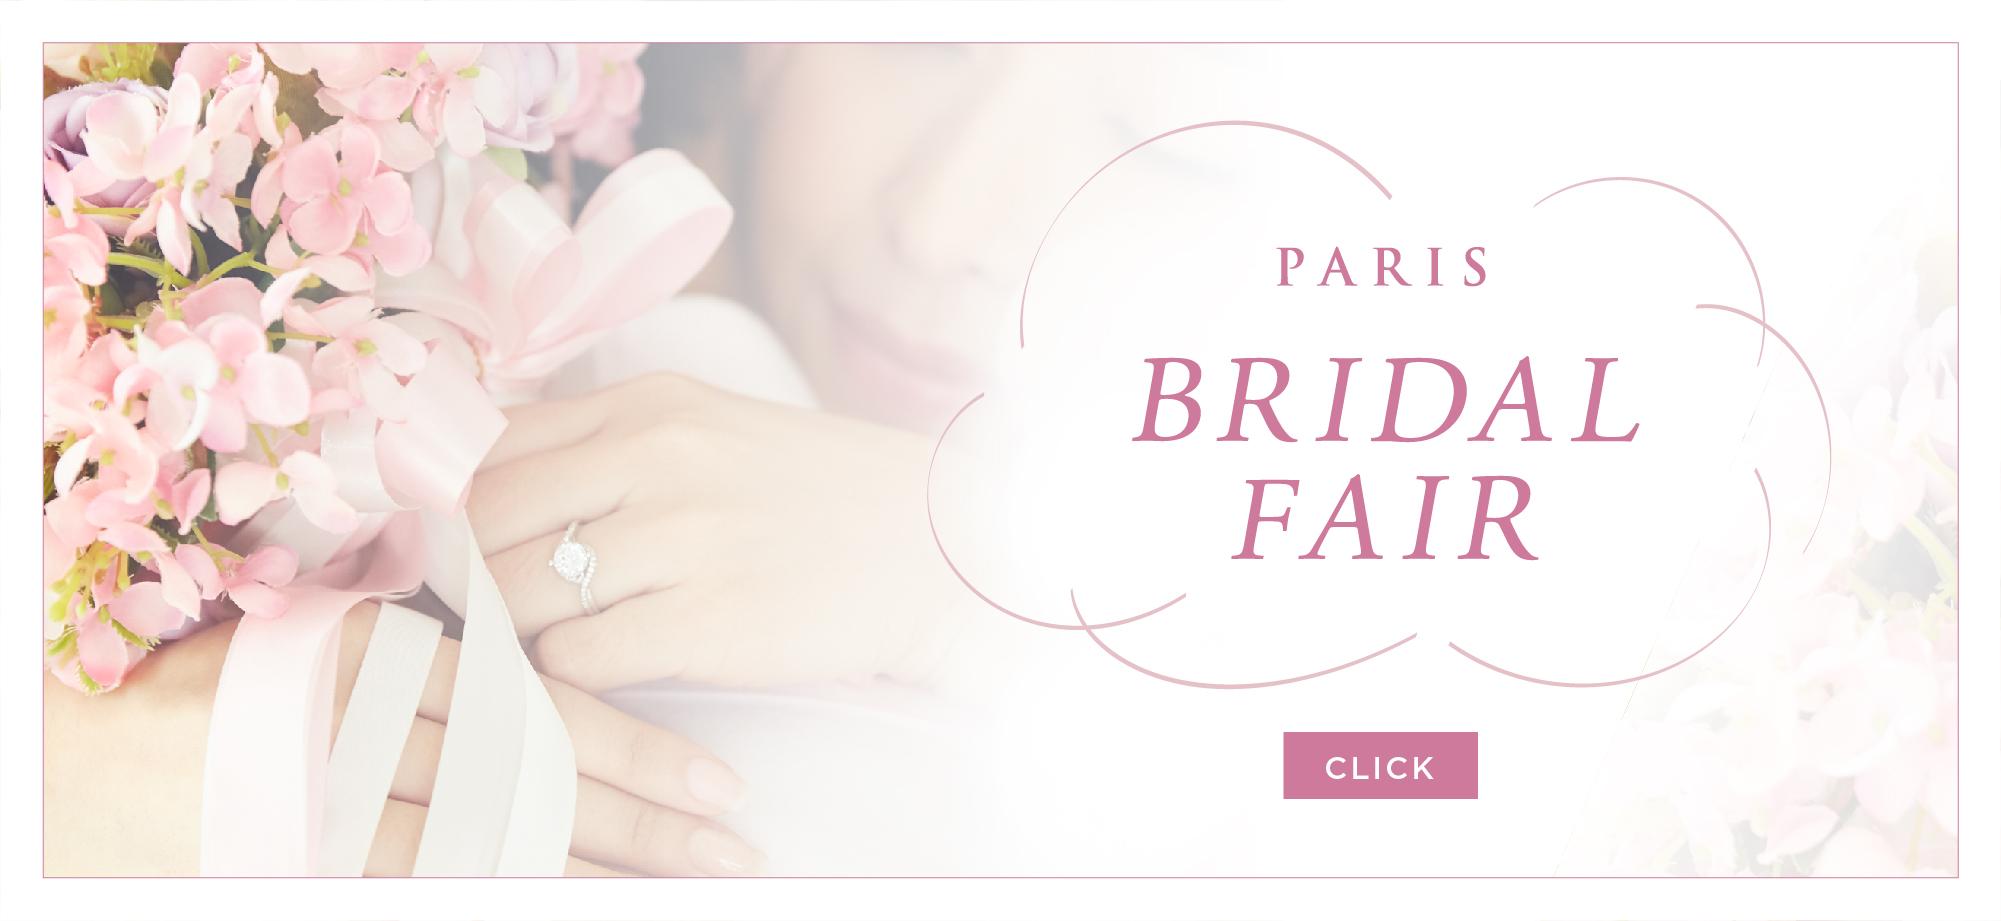 Special Bridal Fair